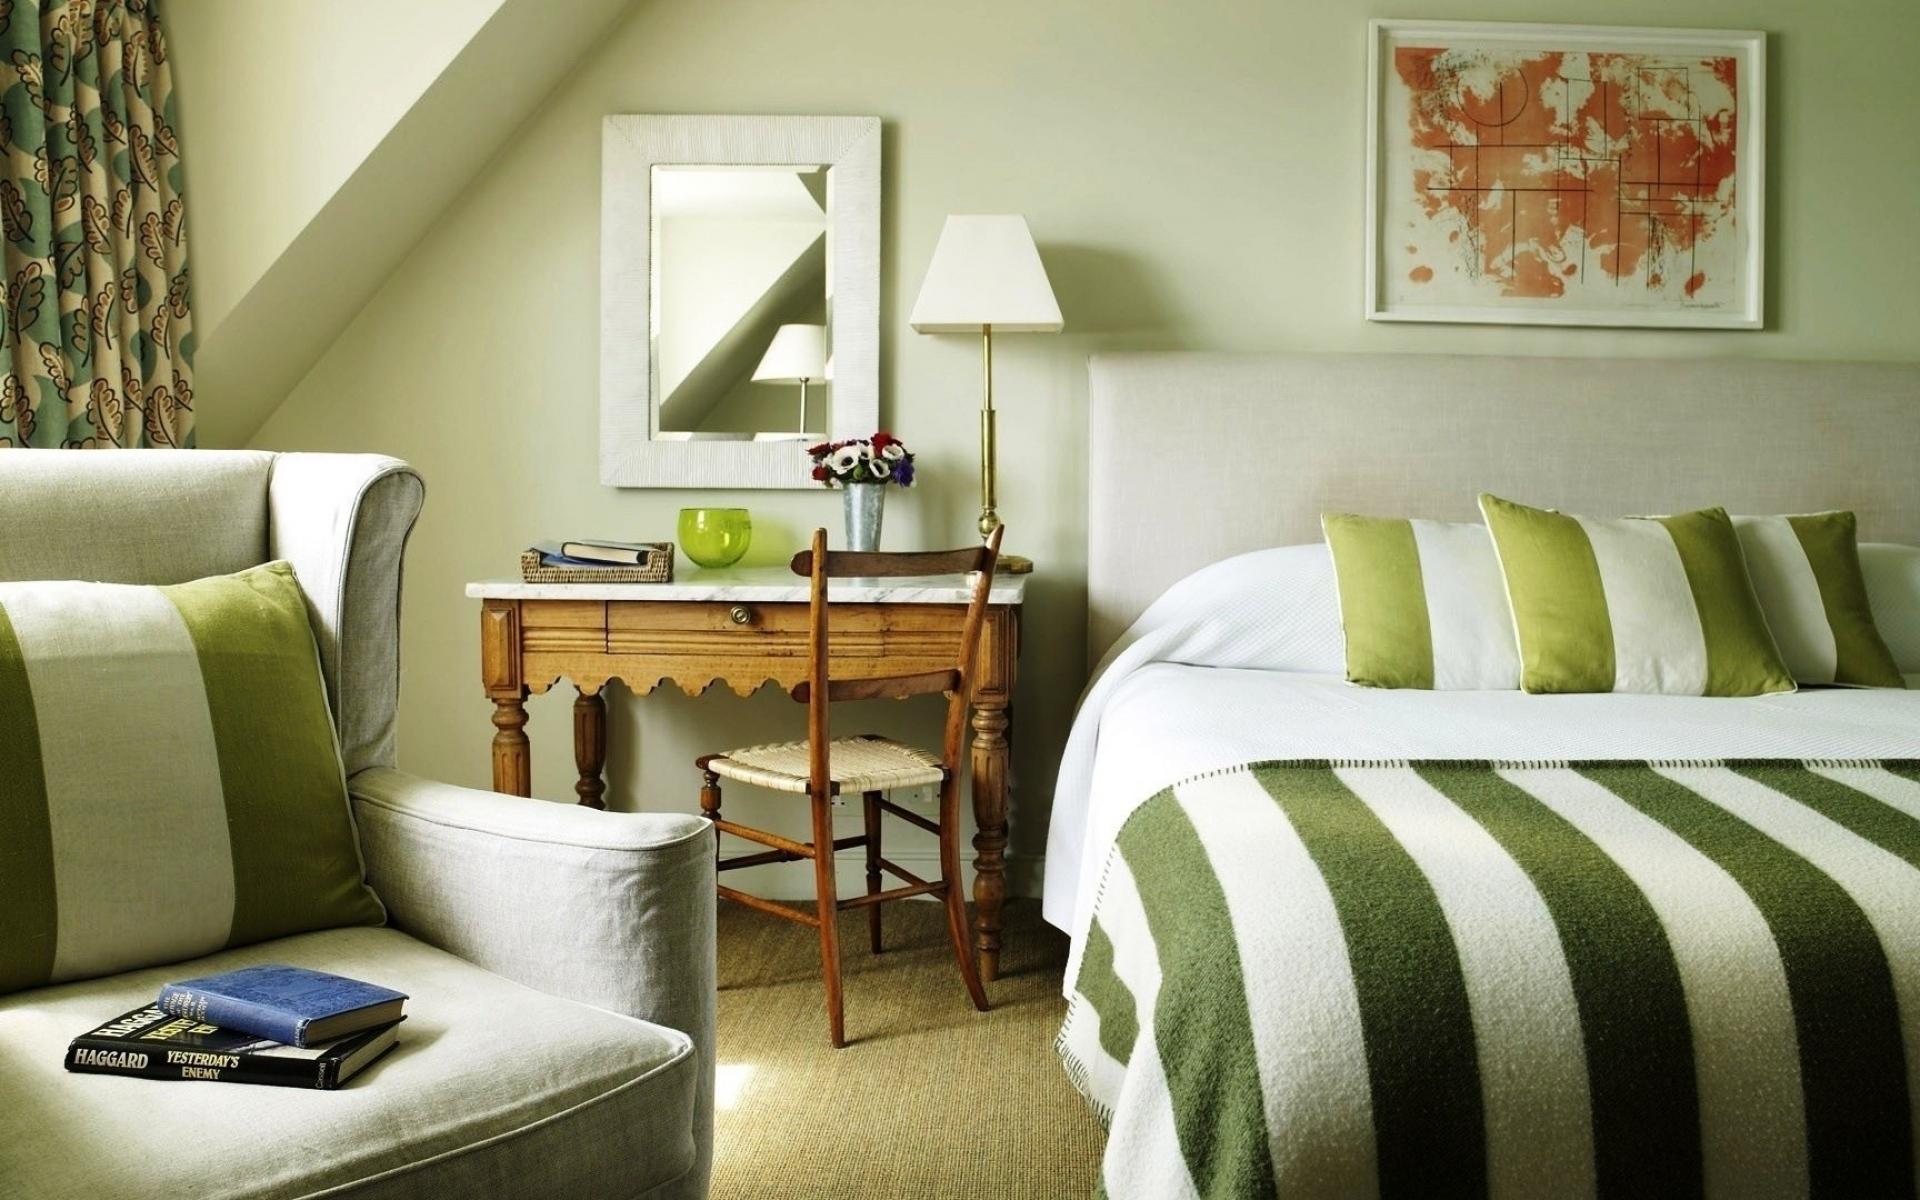 Картинки Комната, дизайн, интерьер, спальня, постельное белье фото и обои на рабочий стол